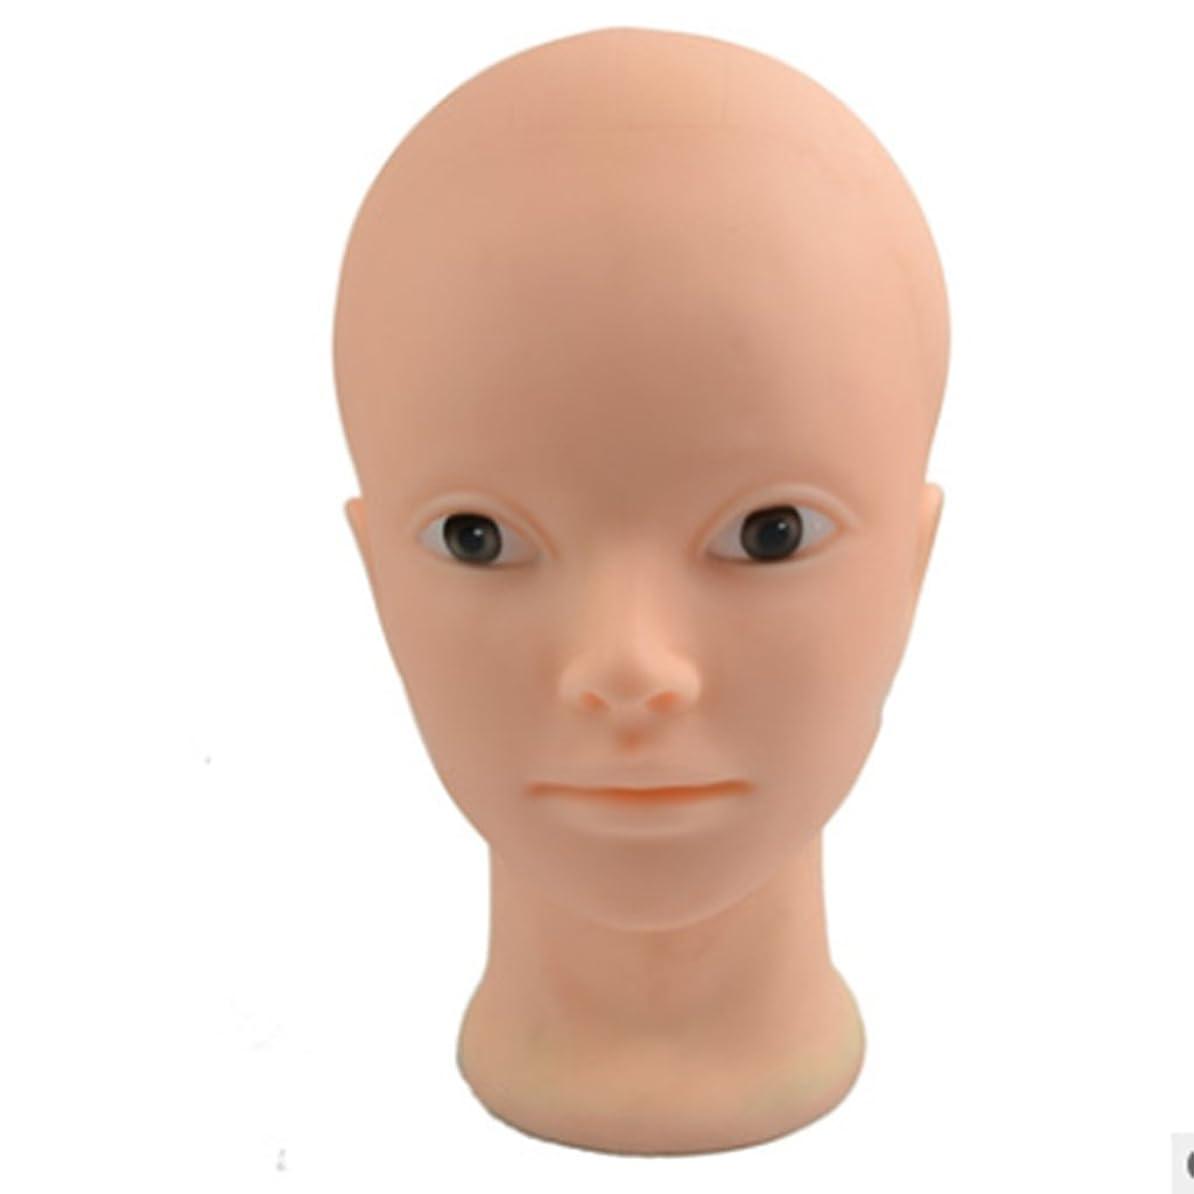 サロンお気に入りマルクス主義者25センチウィッグヘッド金型、ポリ塩化ビニールのプラスチック製の人形の鍼療法の練習はげとメガネスカーフモデルウィッグヘッド モデリングツール (色 : ホワイト)